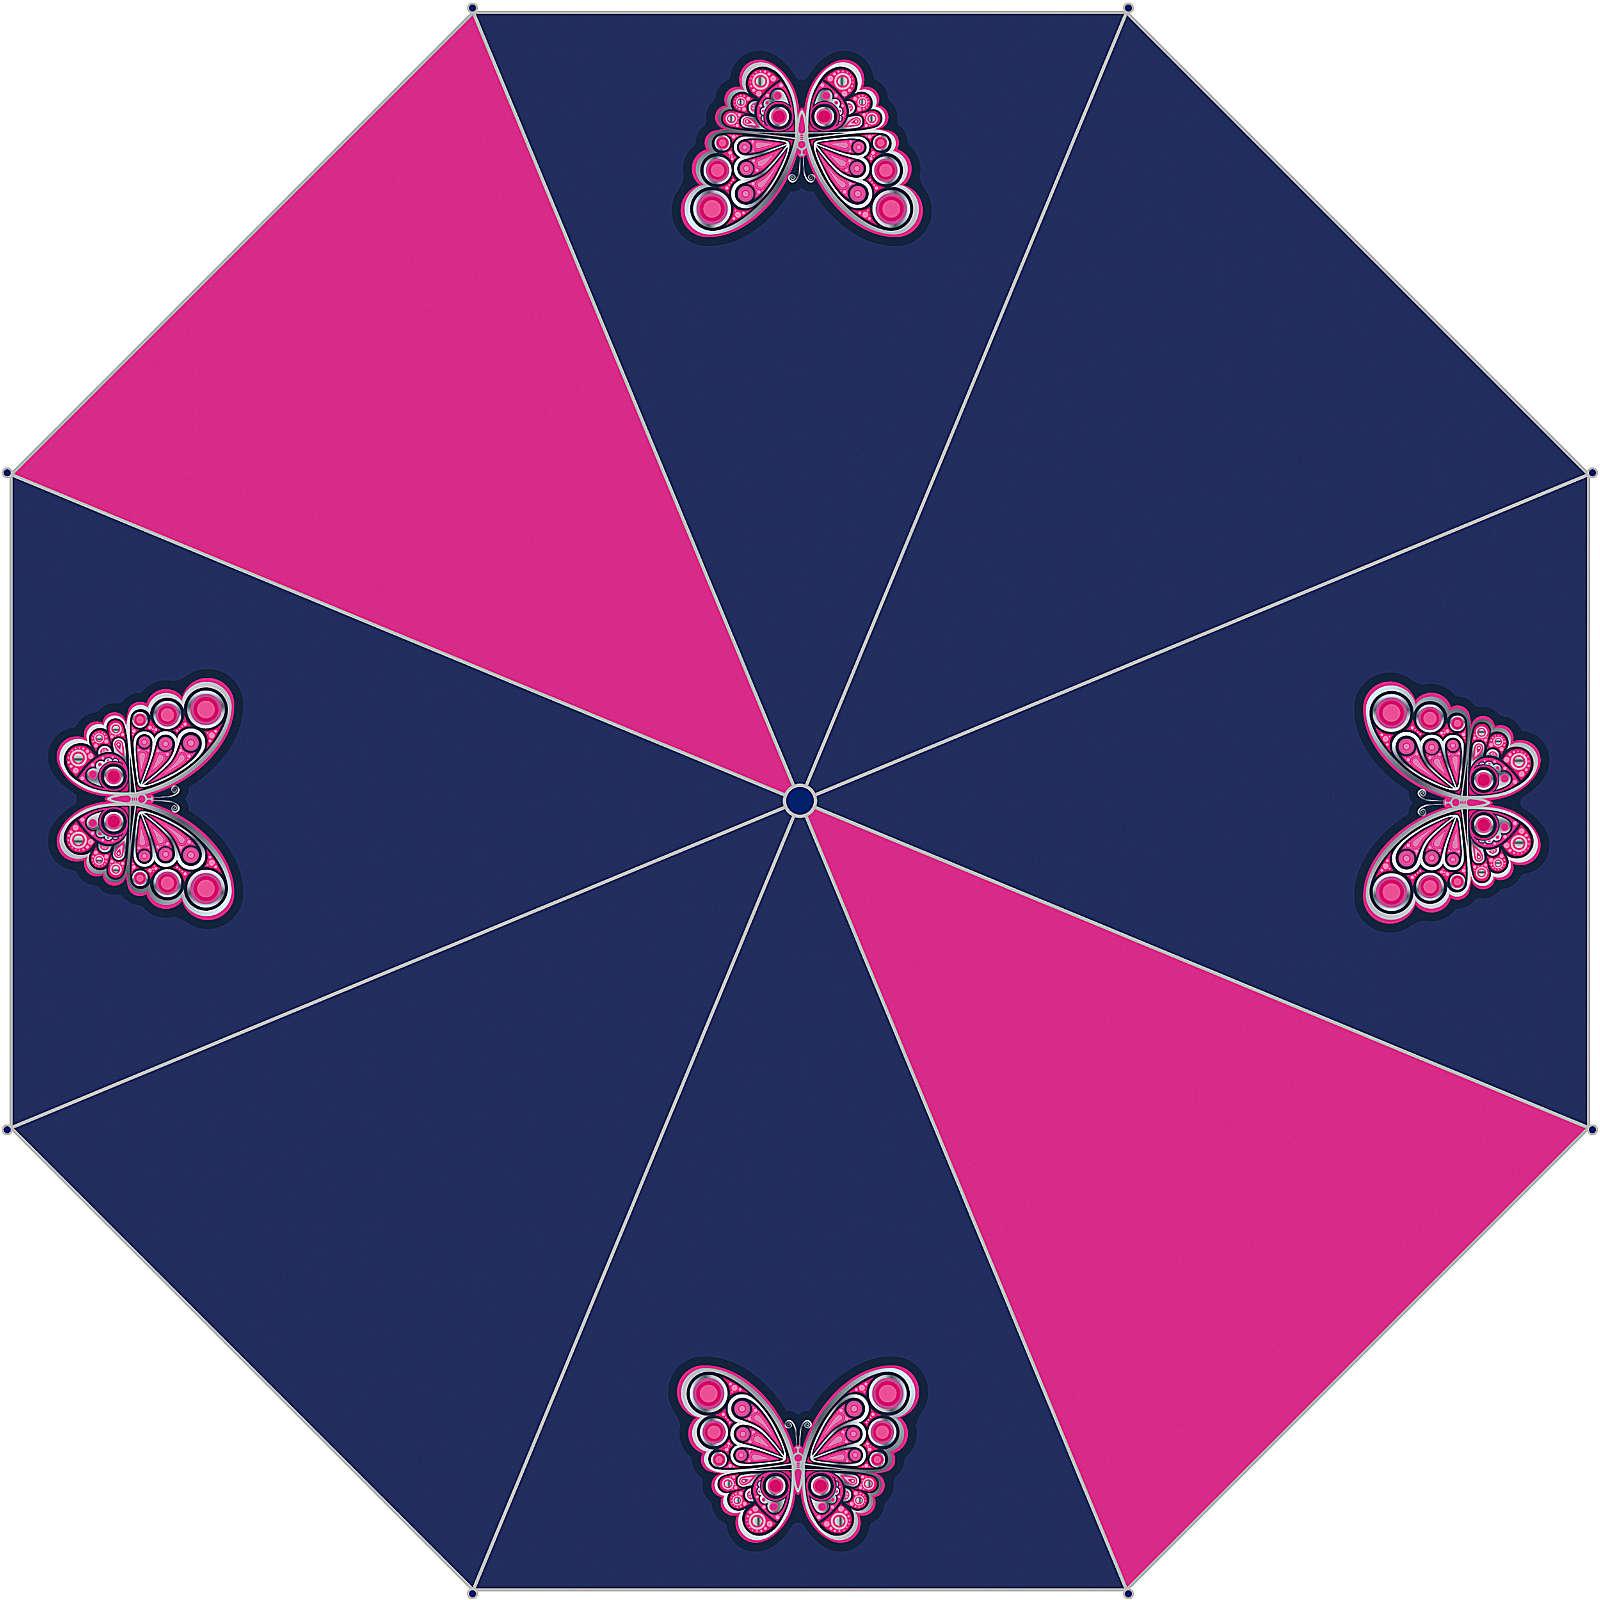 McNeill Taschenschirm Butterfly lila-kombi Mädchen